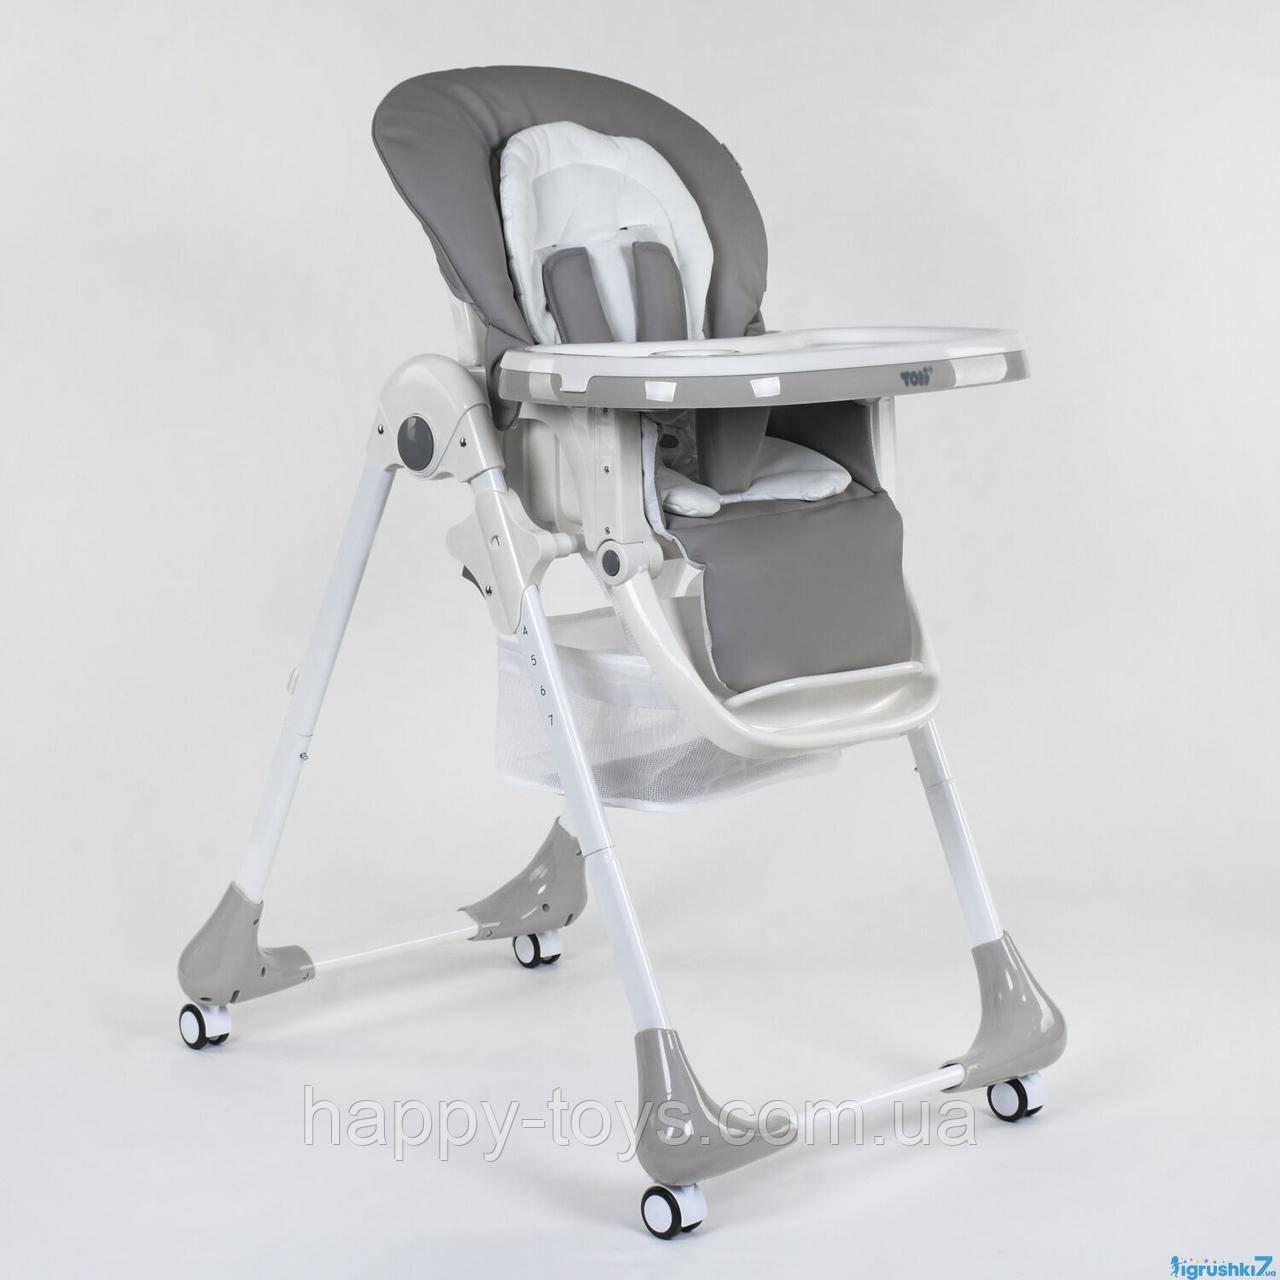 Стульчик для кормления, СЕРЫЙ, мягкий PU, мягкий вкладыш, 4 колеса, съемный столик Toti W-55800